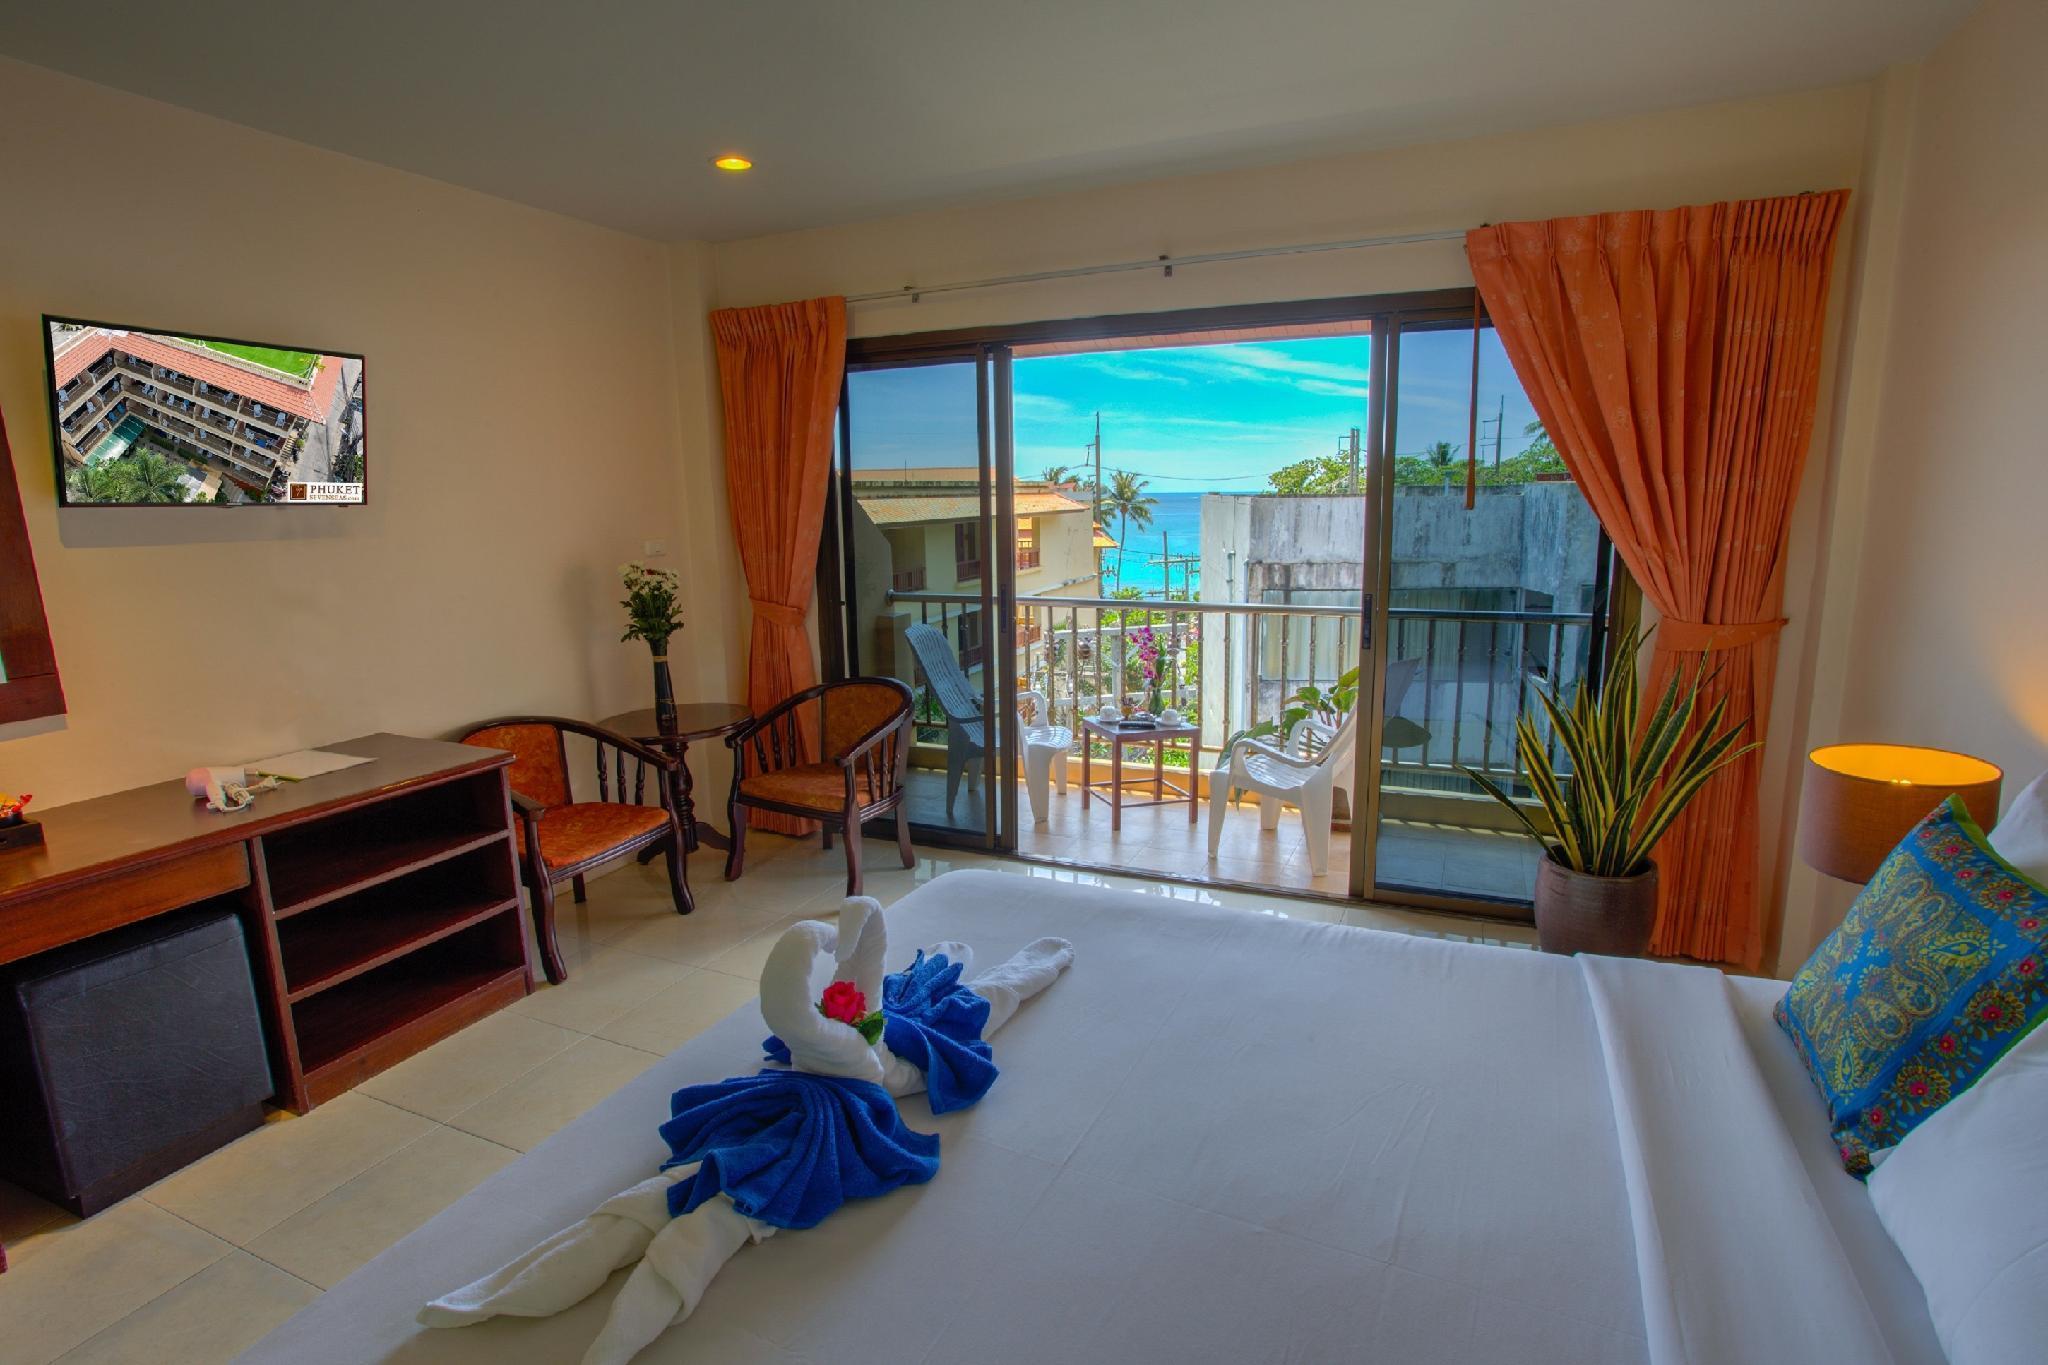 Phuket Seven Seas Hotel โรงแรมภูเก็ต เซเวน ซีส์